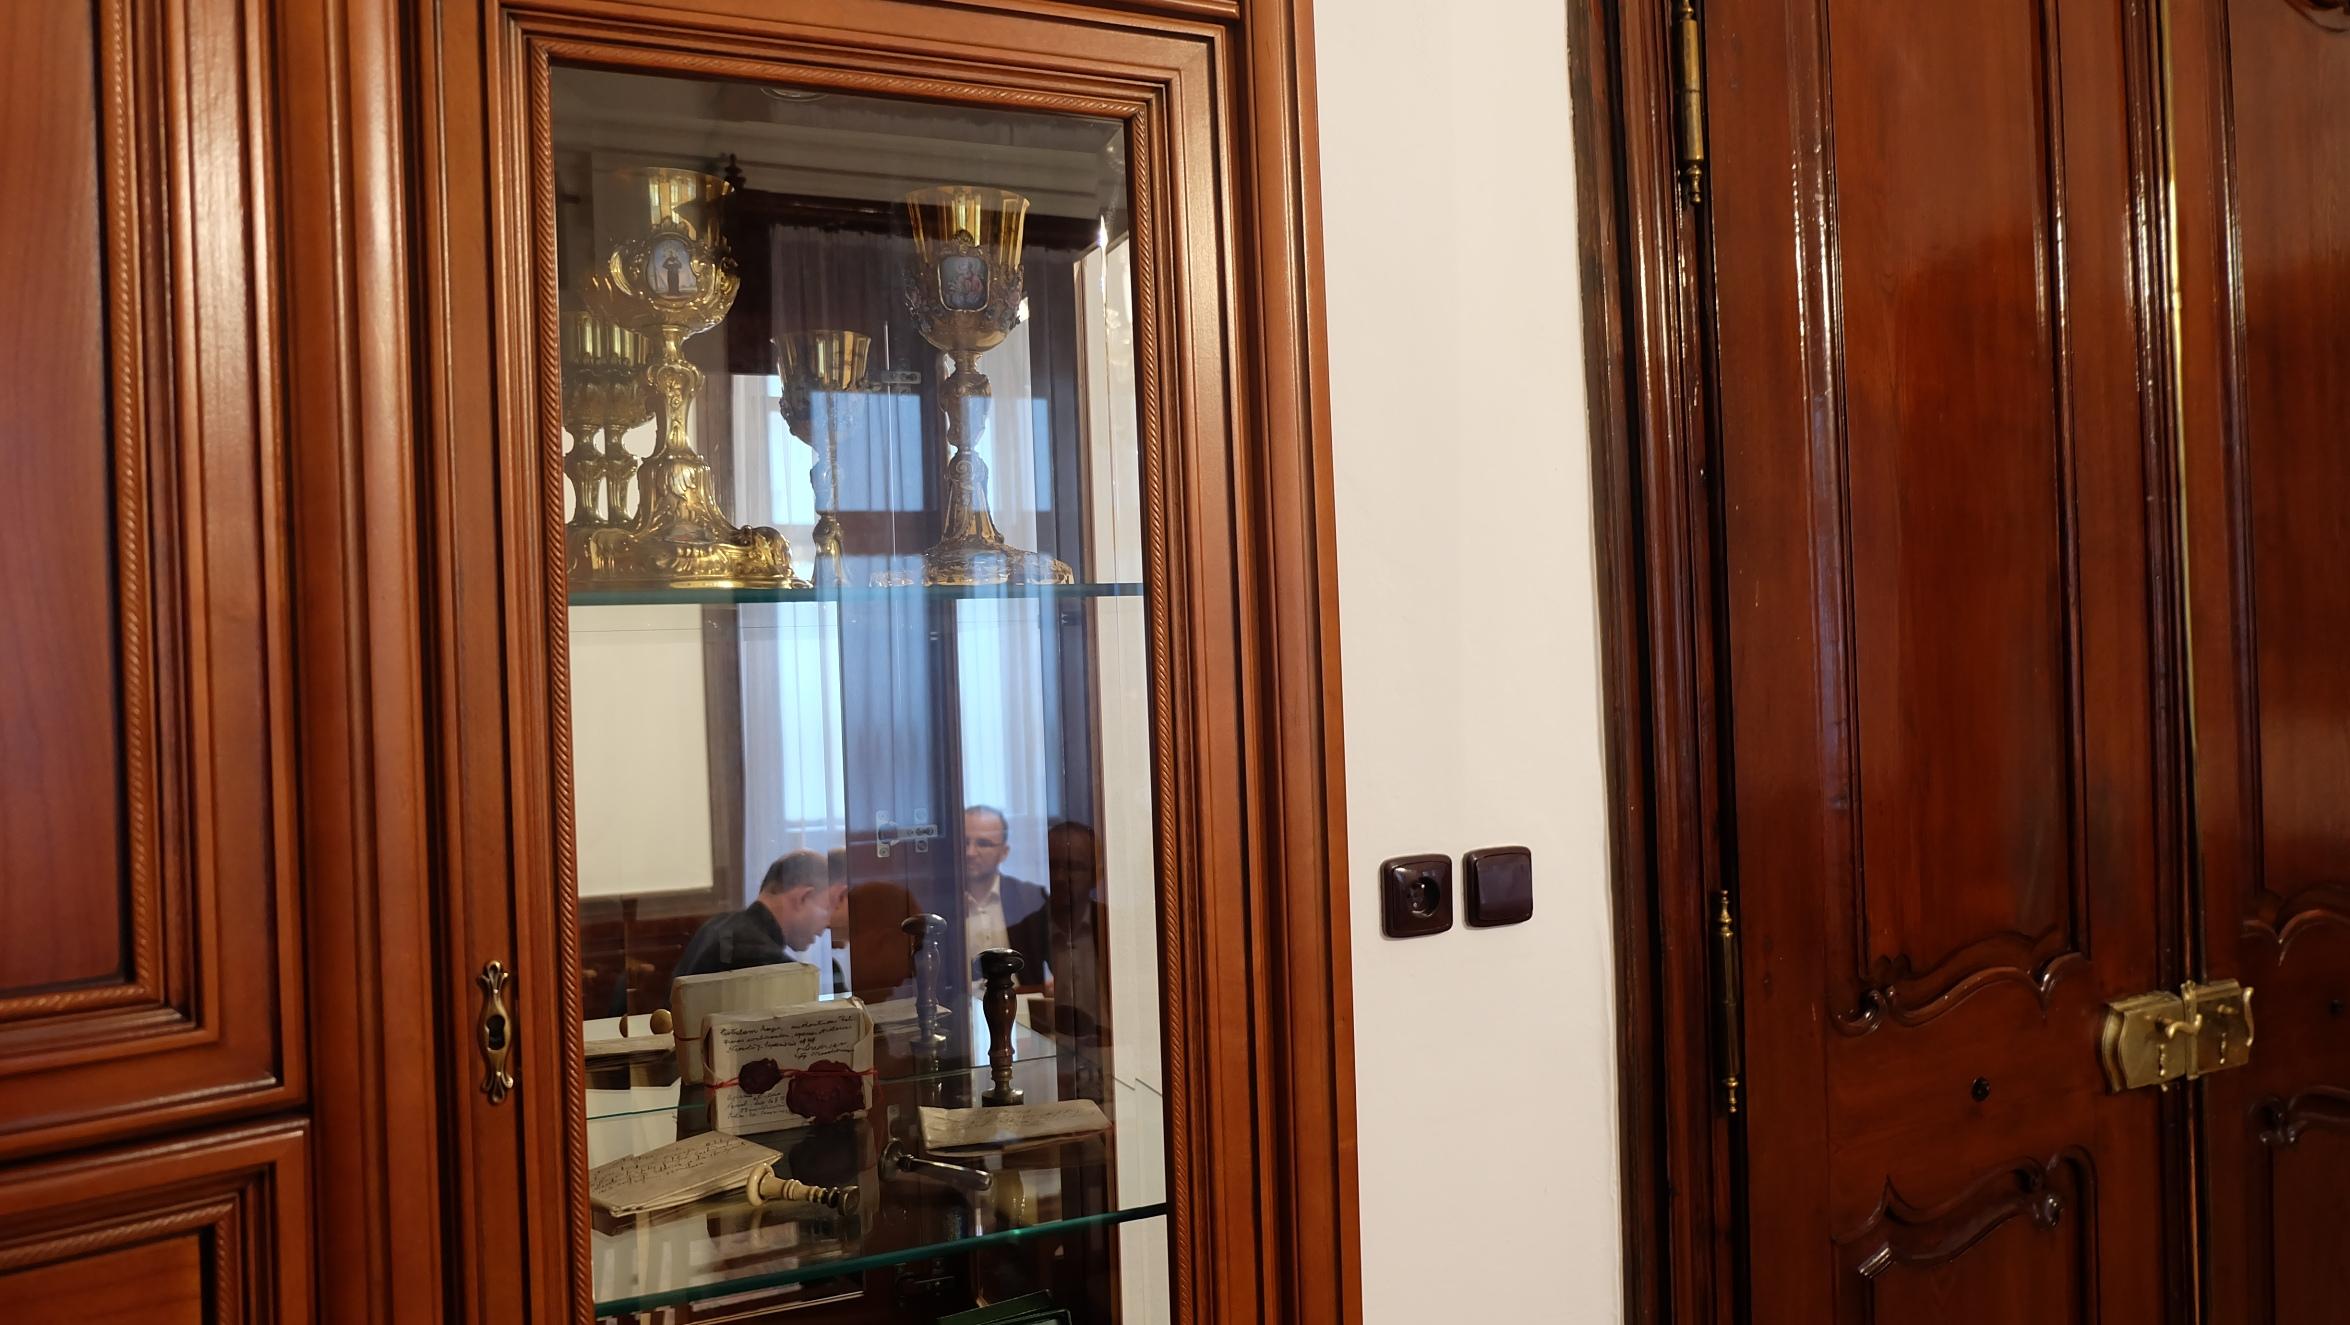 Rozhovor s otcom biskupom Chovancom v zrkadlení v miestnostiach biskupského úradu v Banskej Bystrici